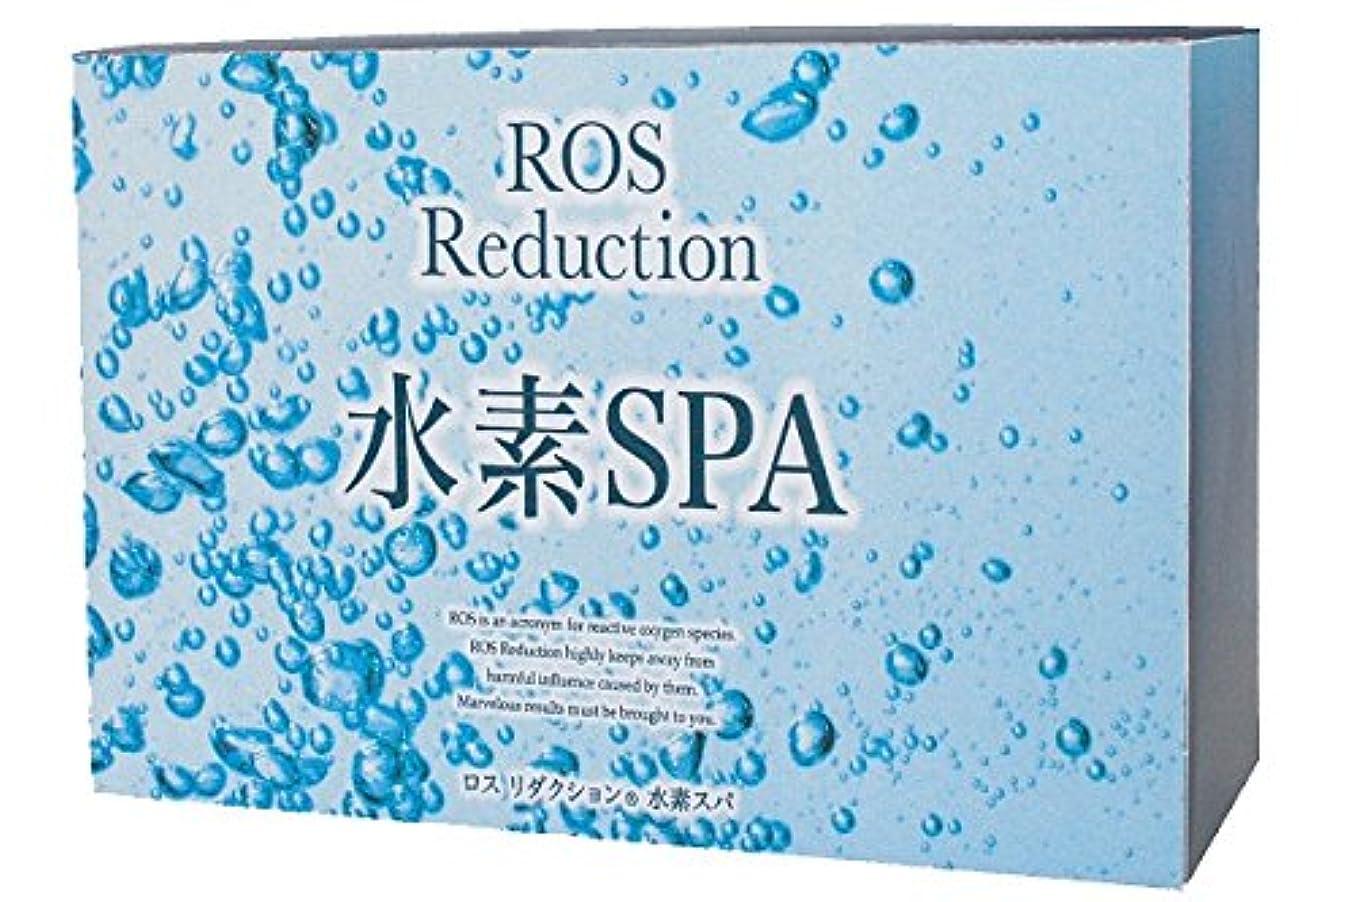 任命する印象的なアーサーコナンドイルお得な6箱セット トップクラスの高濃度水素入浴剤 ロスリダクション 水素SPA (50g×5包)